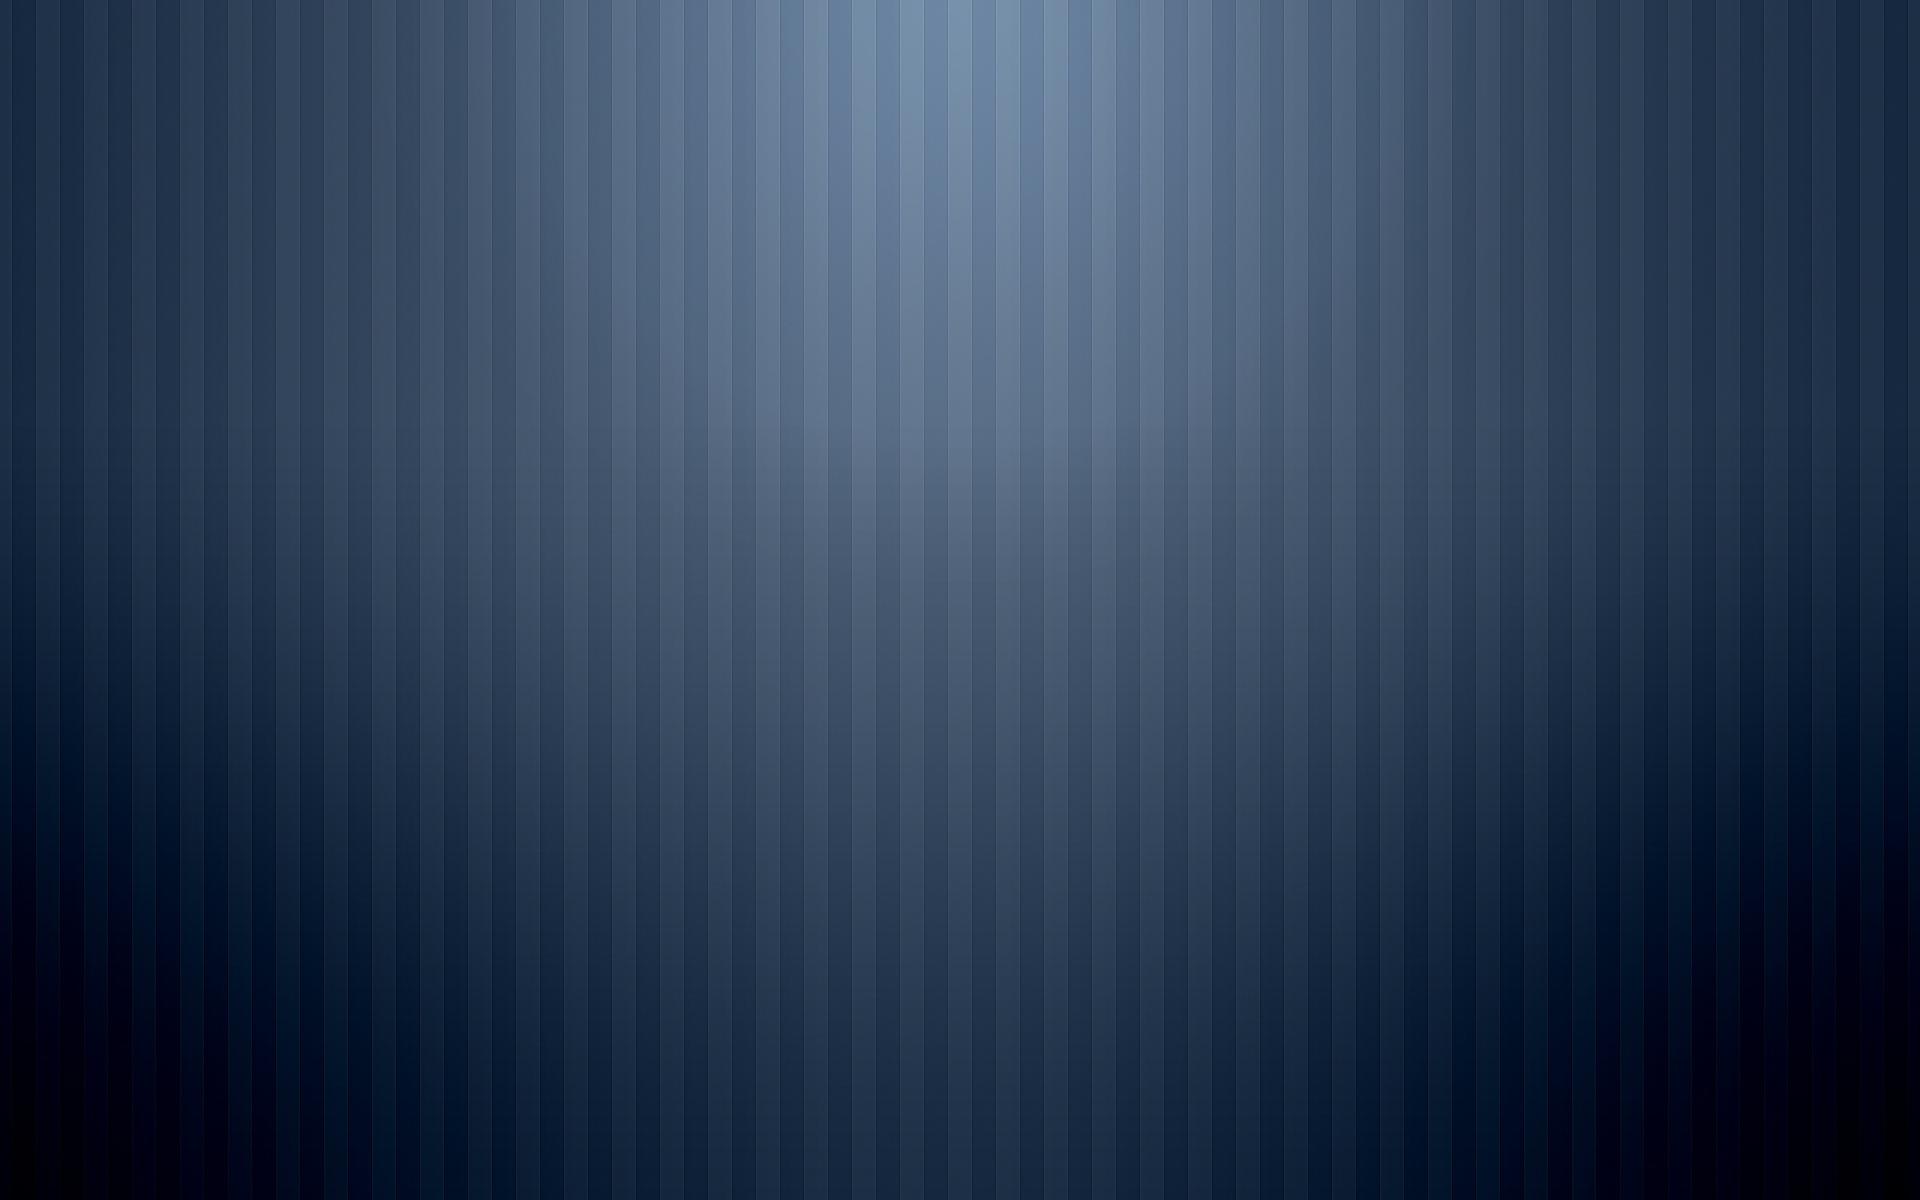 Картинки Синий, полосатый, вертикальный, темный фото и обои на рабочий стол